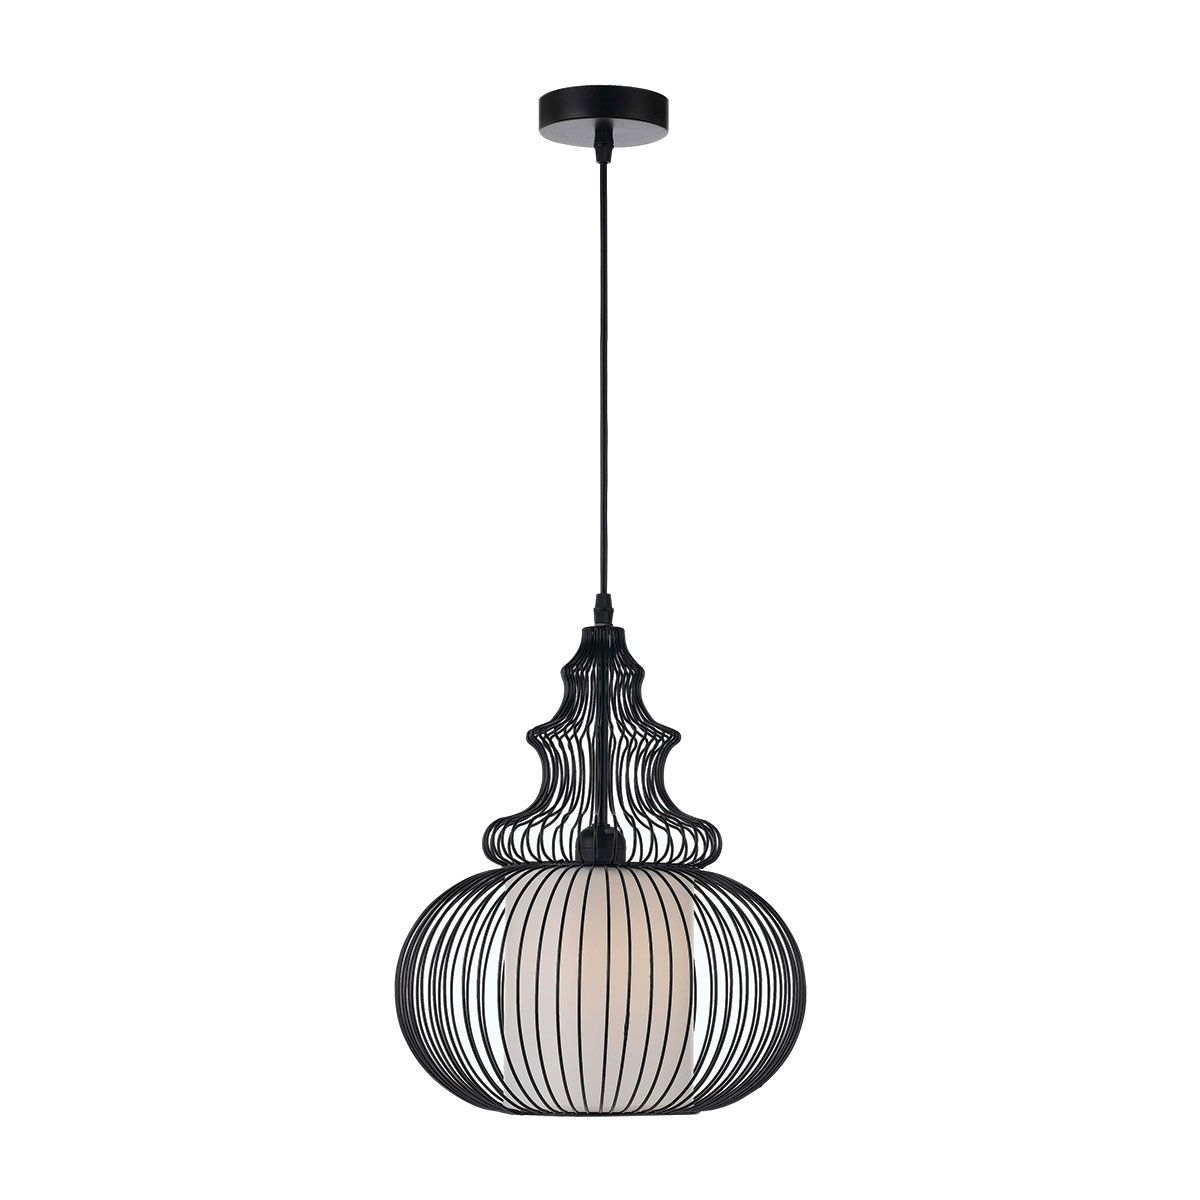 Buy Oriel Lightings Maison 3 Light Pendant - OL69321BK